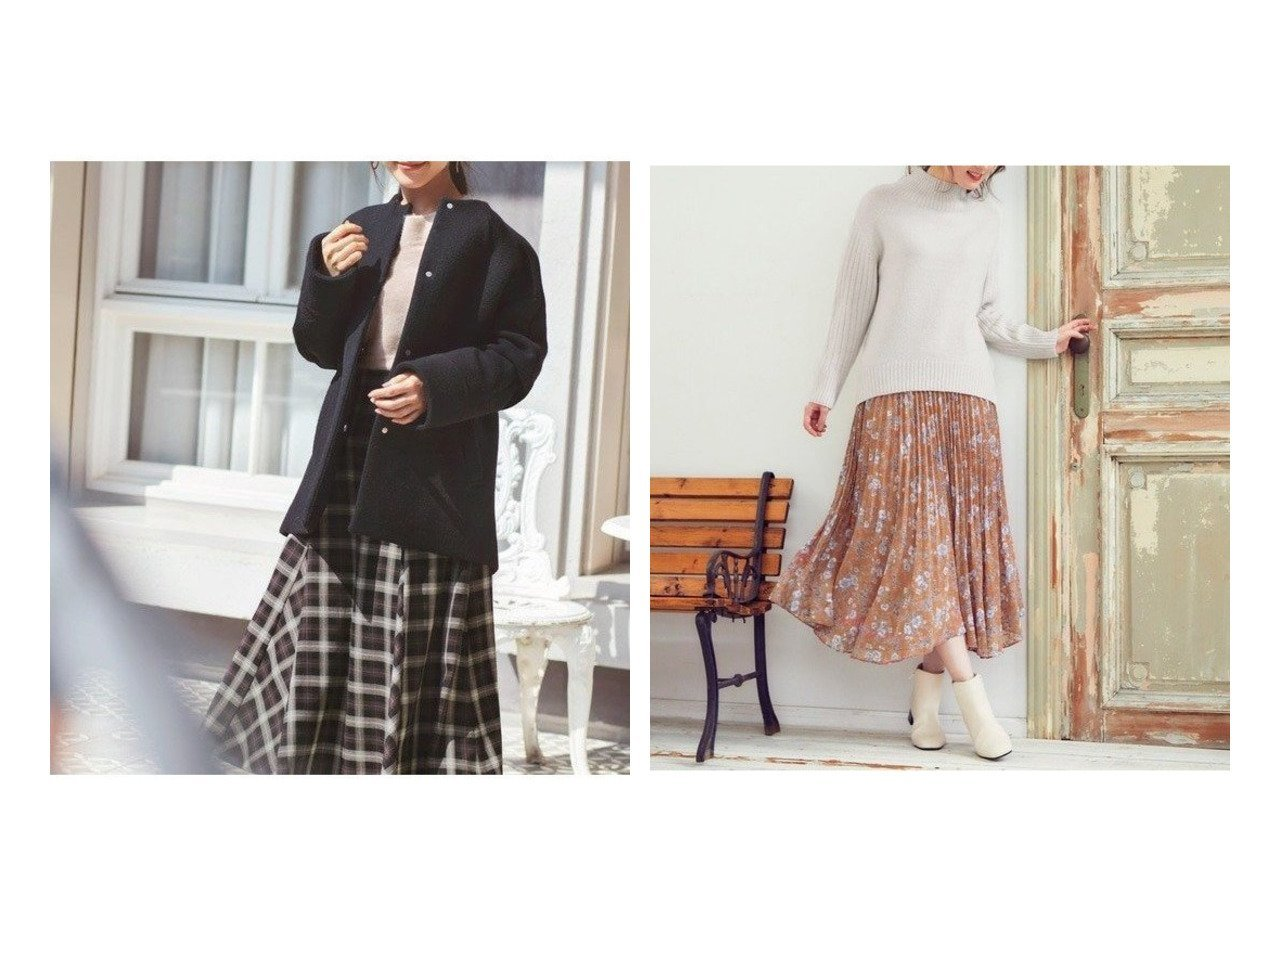 【Feroux/フェルゥ】の【洗える】シェードmixフラワー スカート&【any SiS/エニィ スィス】の【洗える】フレアチェック/ツイード スカート スカートのおすすめ!人気、レディースファッションの通販 おすすめで人気のファッション通販商品 インテリア・家具・キッズファッション・メンズファッション・レディースファッション・服の通販 founy(ファニー) https://founy.com/ ファッション Fashion レディース WOMEN スカート Skirt クラシカル チェック ツイード バランス フレア ミックス モノトーン 秋 カットジャガード カットソー トレンド フラワー プリント プリーツ 冬 Winter  ID:crp329100000000991